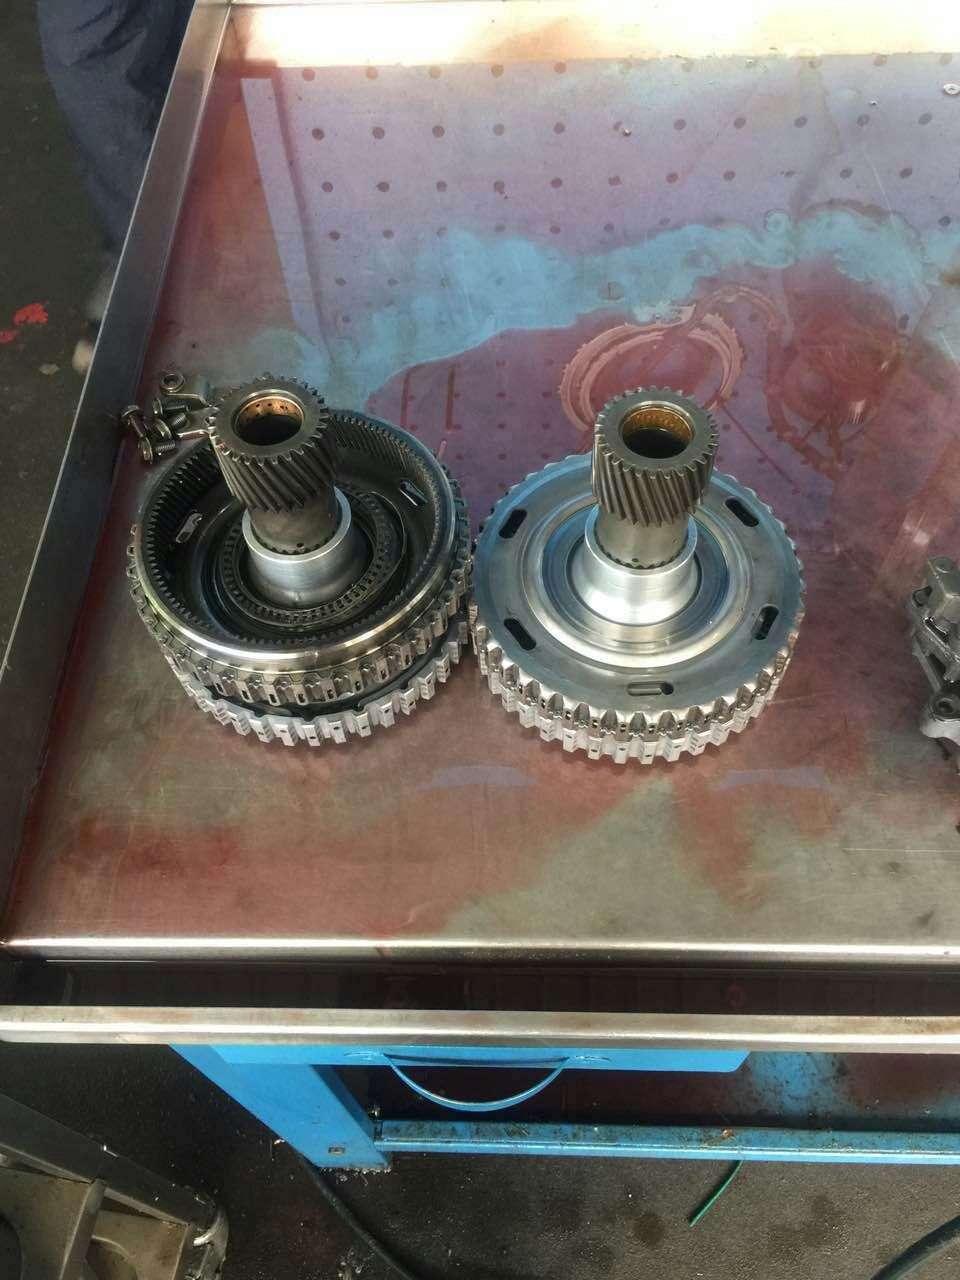 丰田-一汽丰田RAV4 变速箱多次无法倒挡,存在质量问题